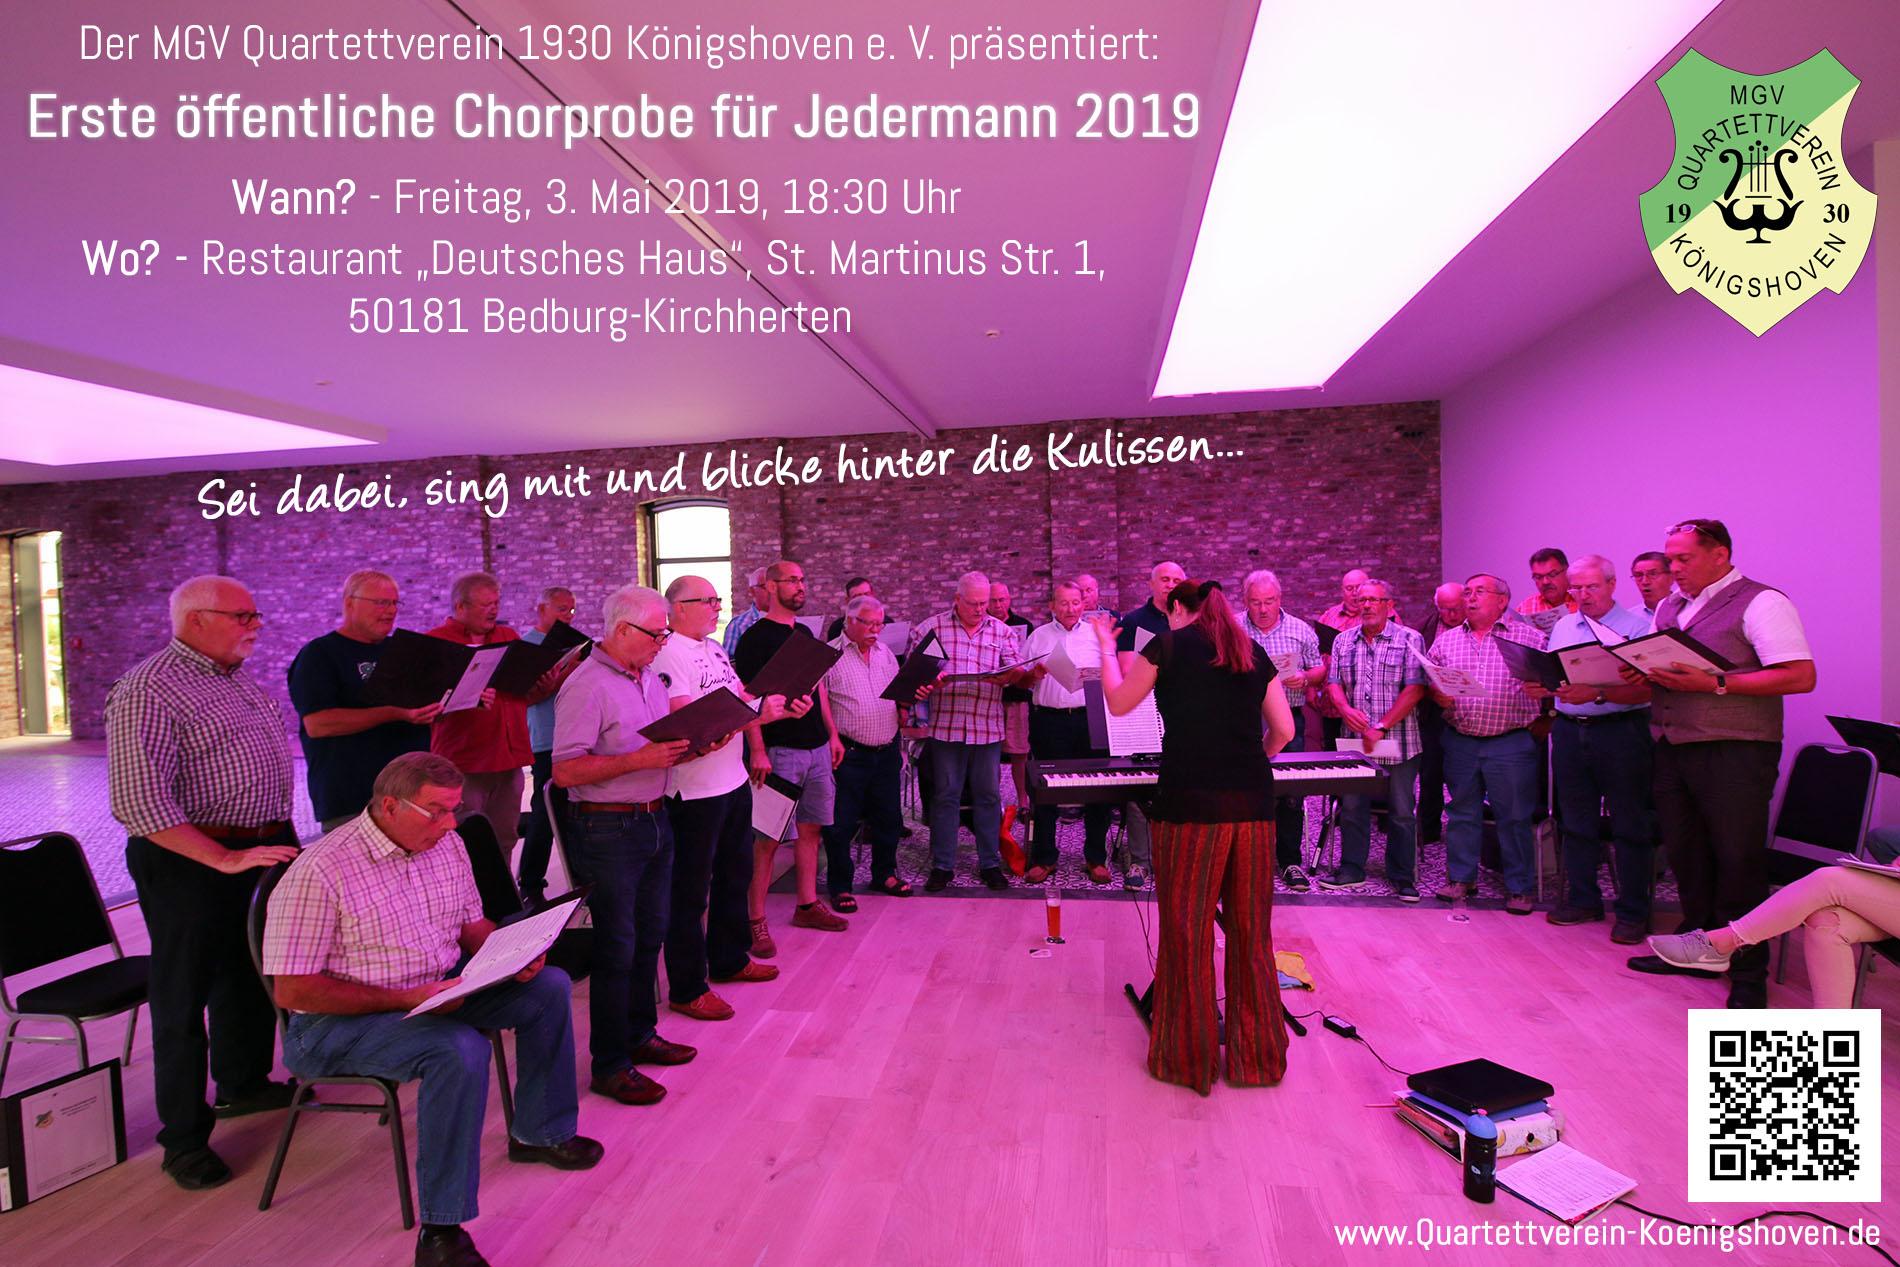 Bei den öffentlichen Chorproben lädt der Königshovener Quartettverein ein, hinter die Kulissen zu blicken oder völlig unverbindlich direkt mitzusingen. (Foto: Bastian Schlößer)